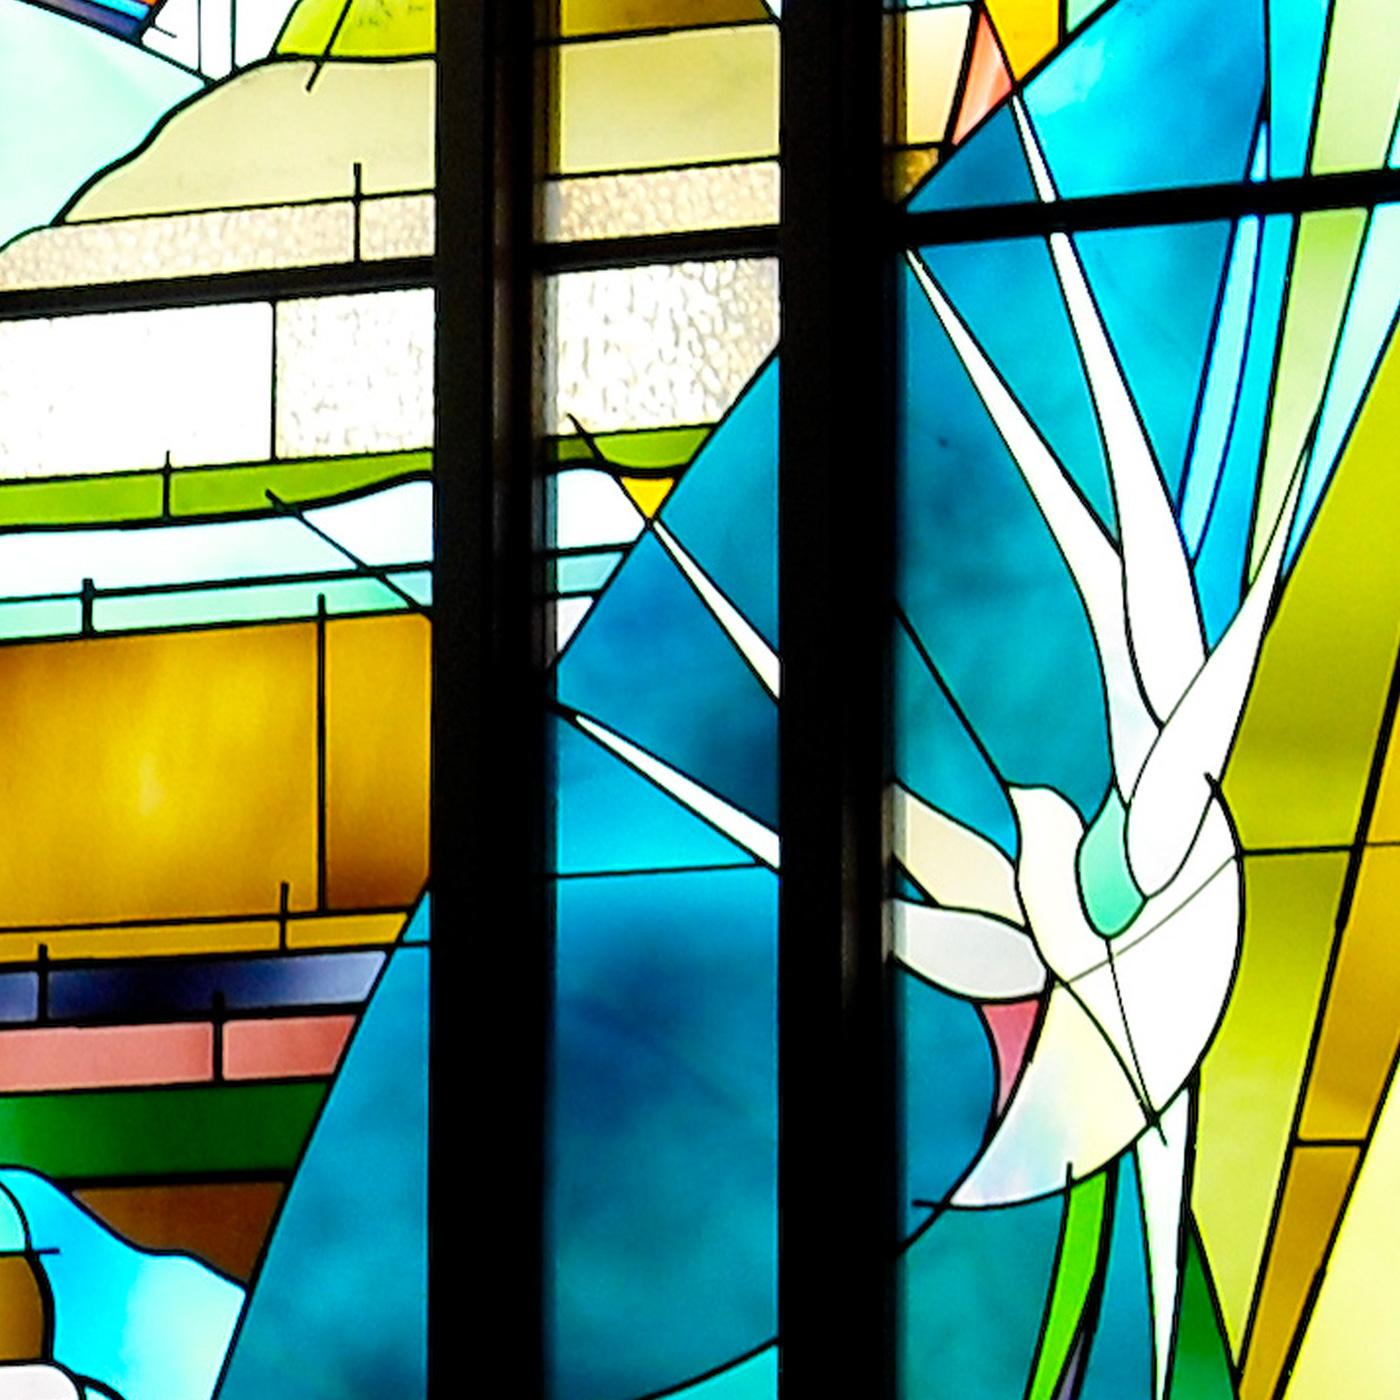 St. Mark's Lutheran Church by the Narrows (ELCA), Tacoma, WA